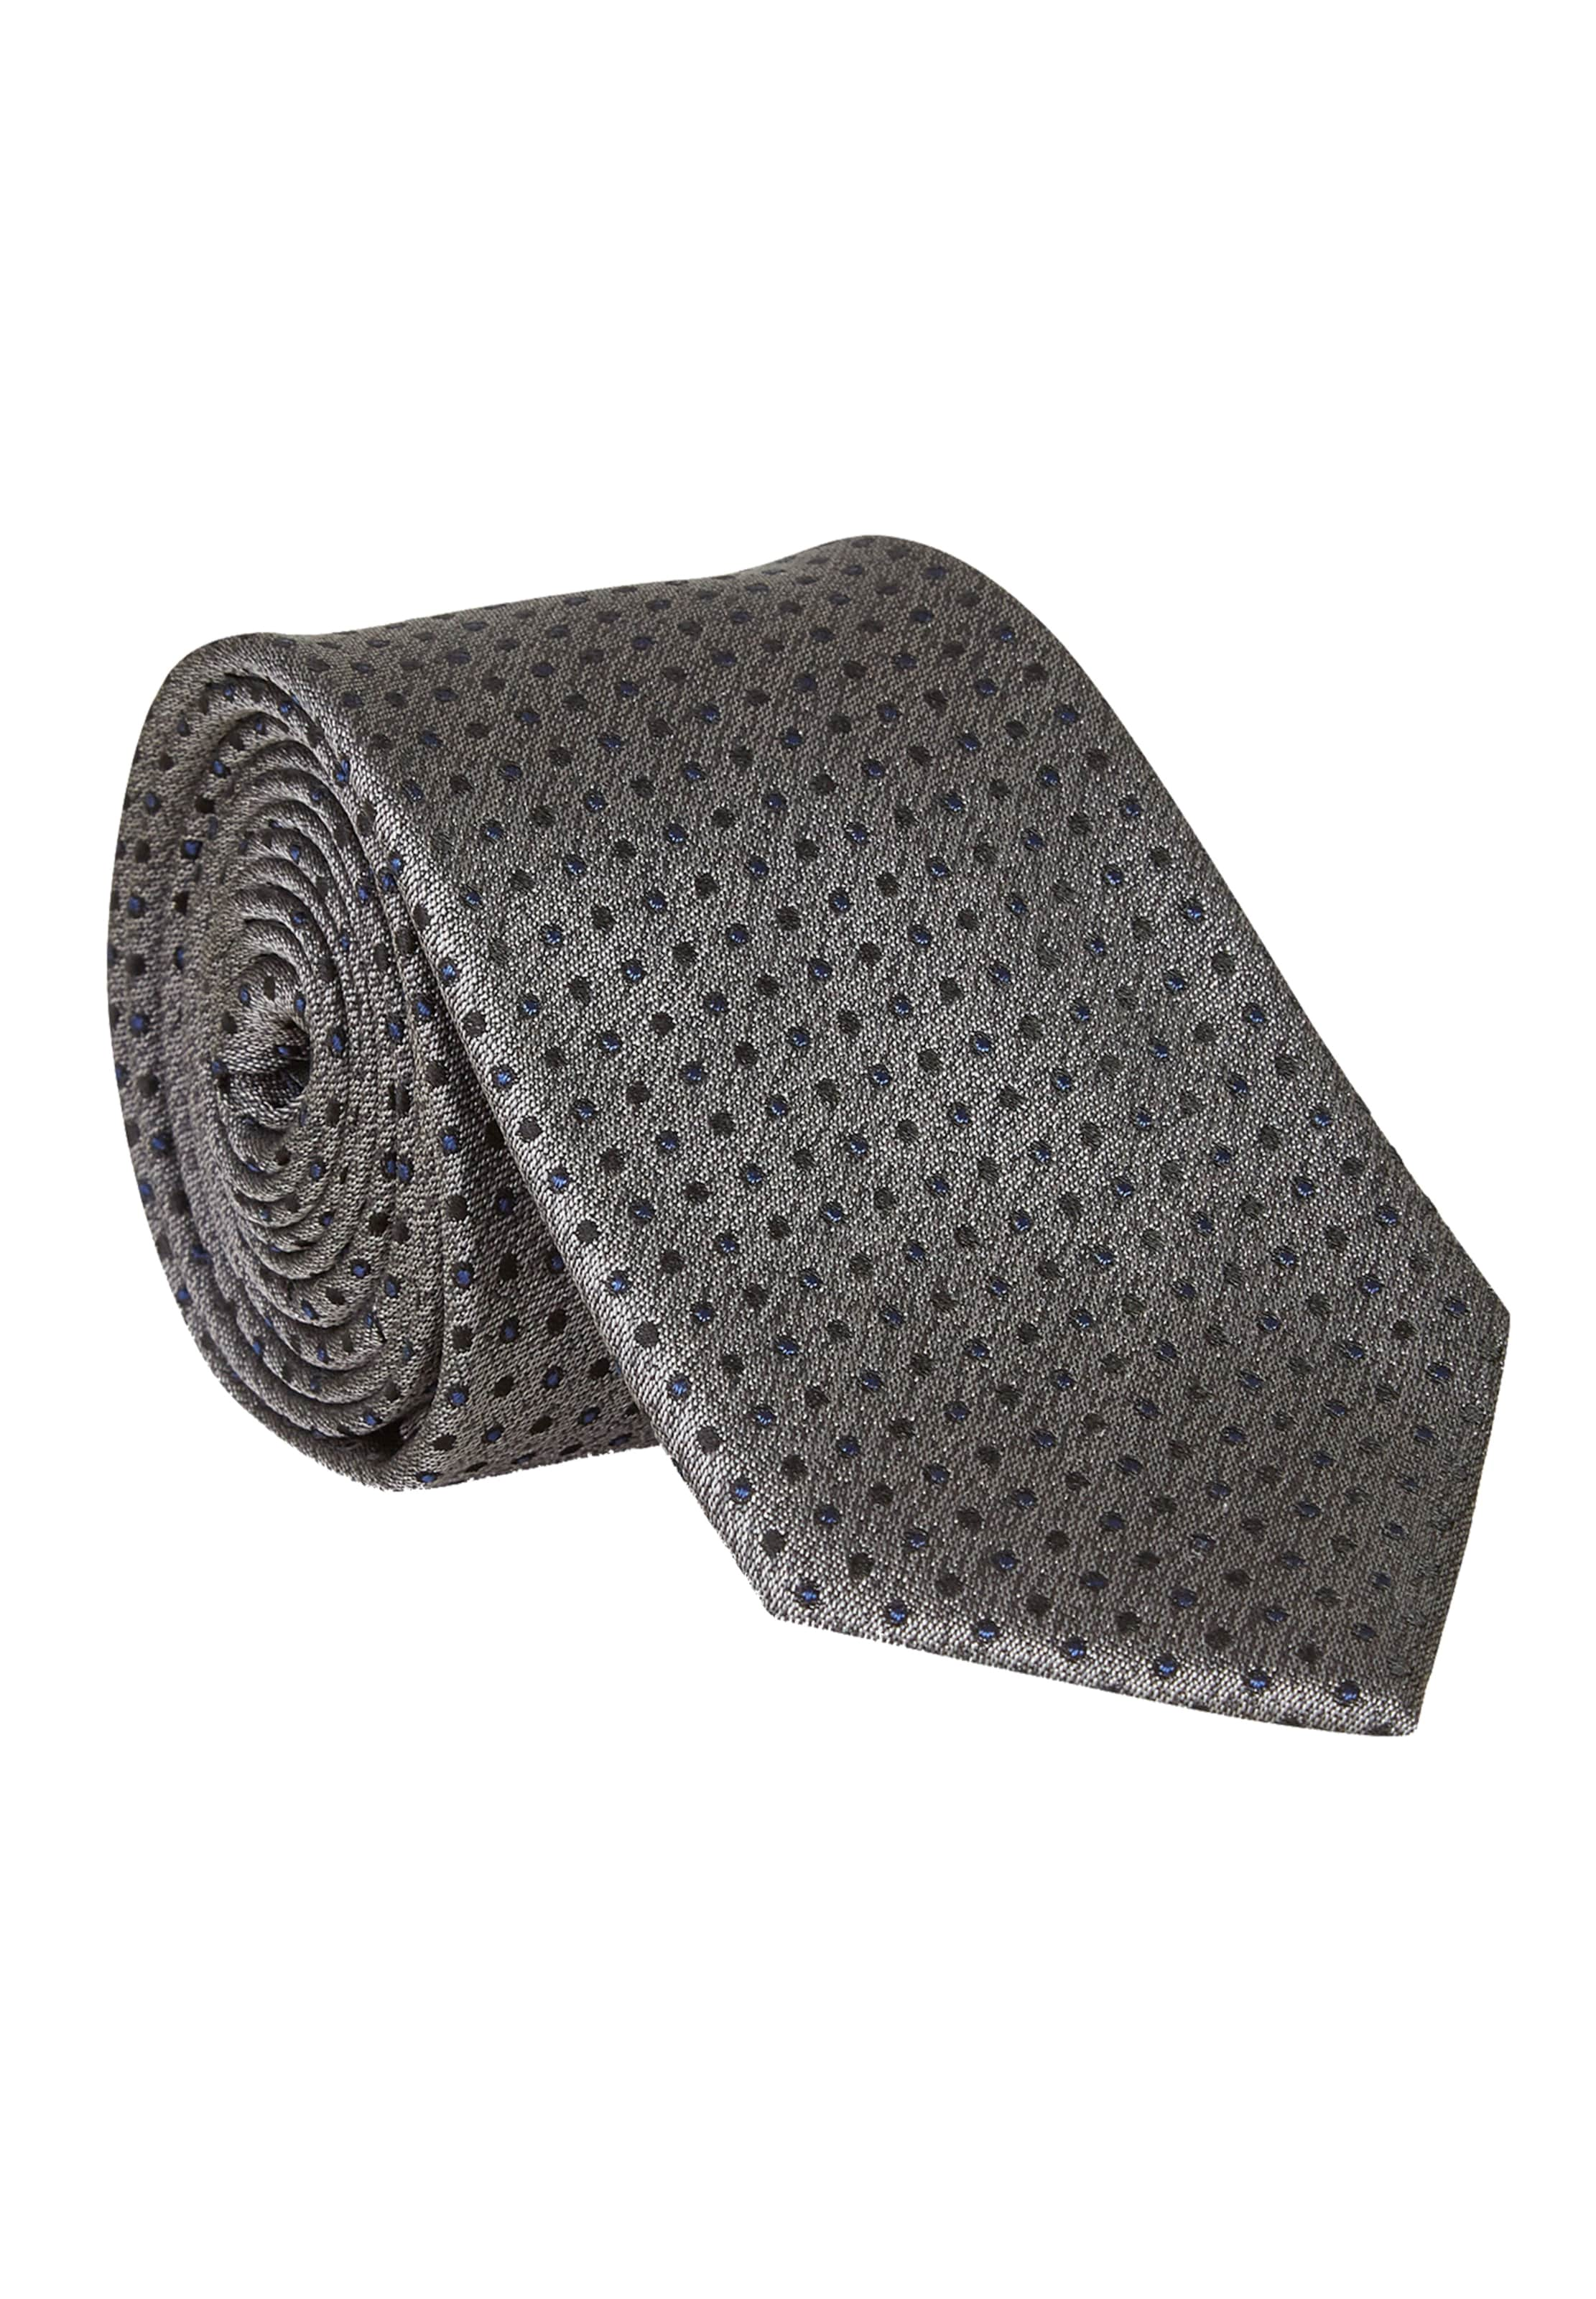 In Krawatte Daniel Elegante Dunkelgrau Hechter 5RS3ALc4jq